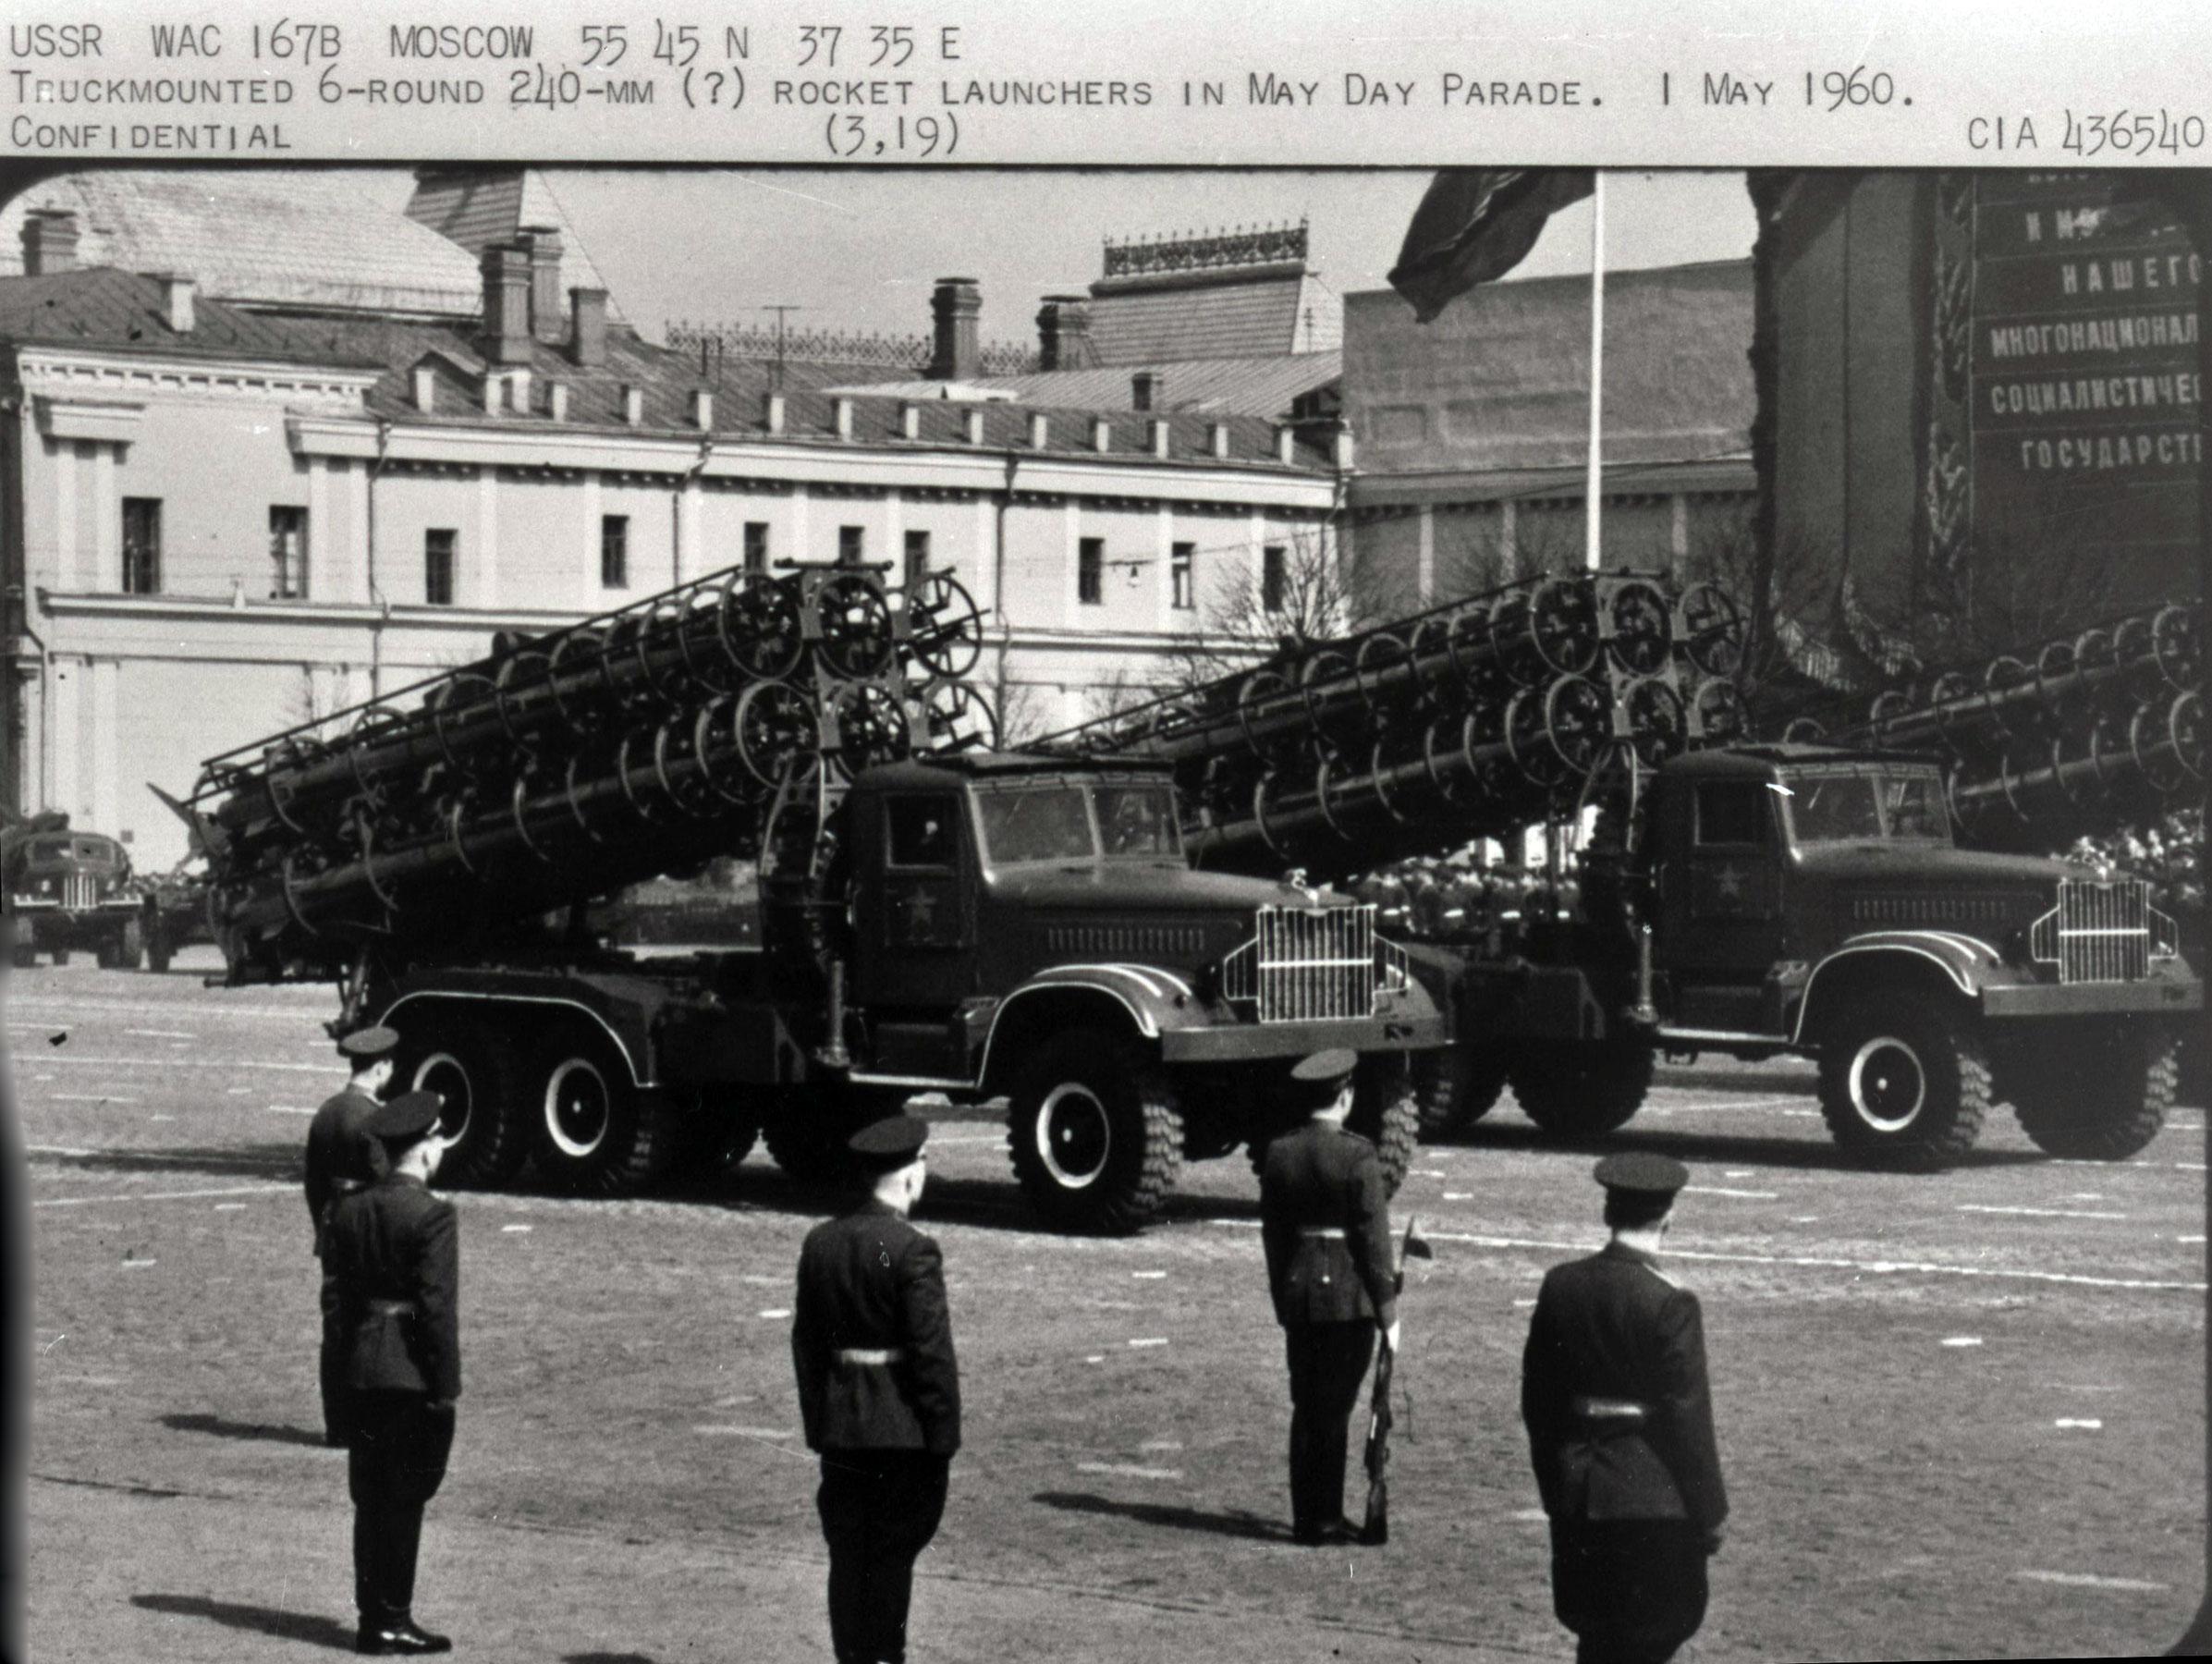 may-1960-mosocw-parade-x